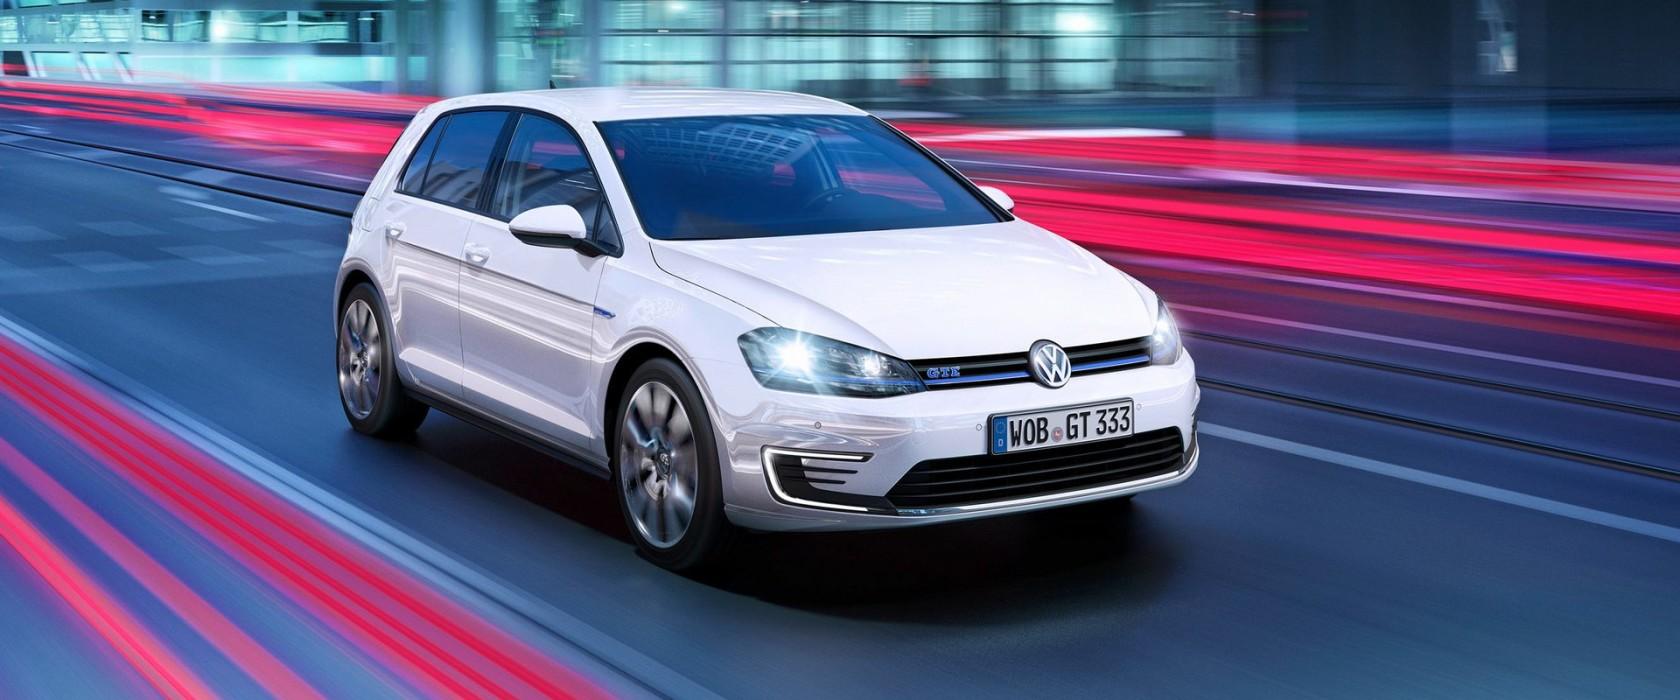 VolkswagenGolf-apertura